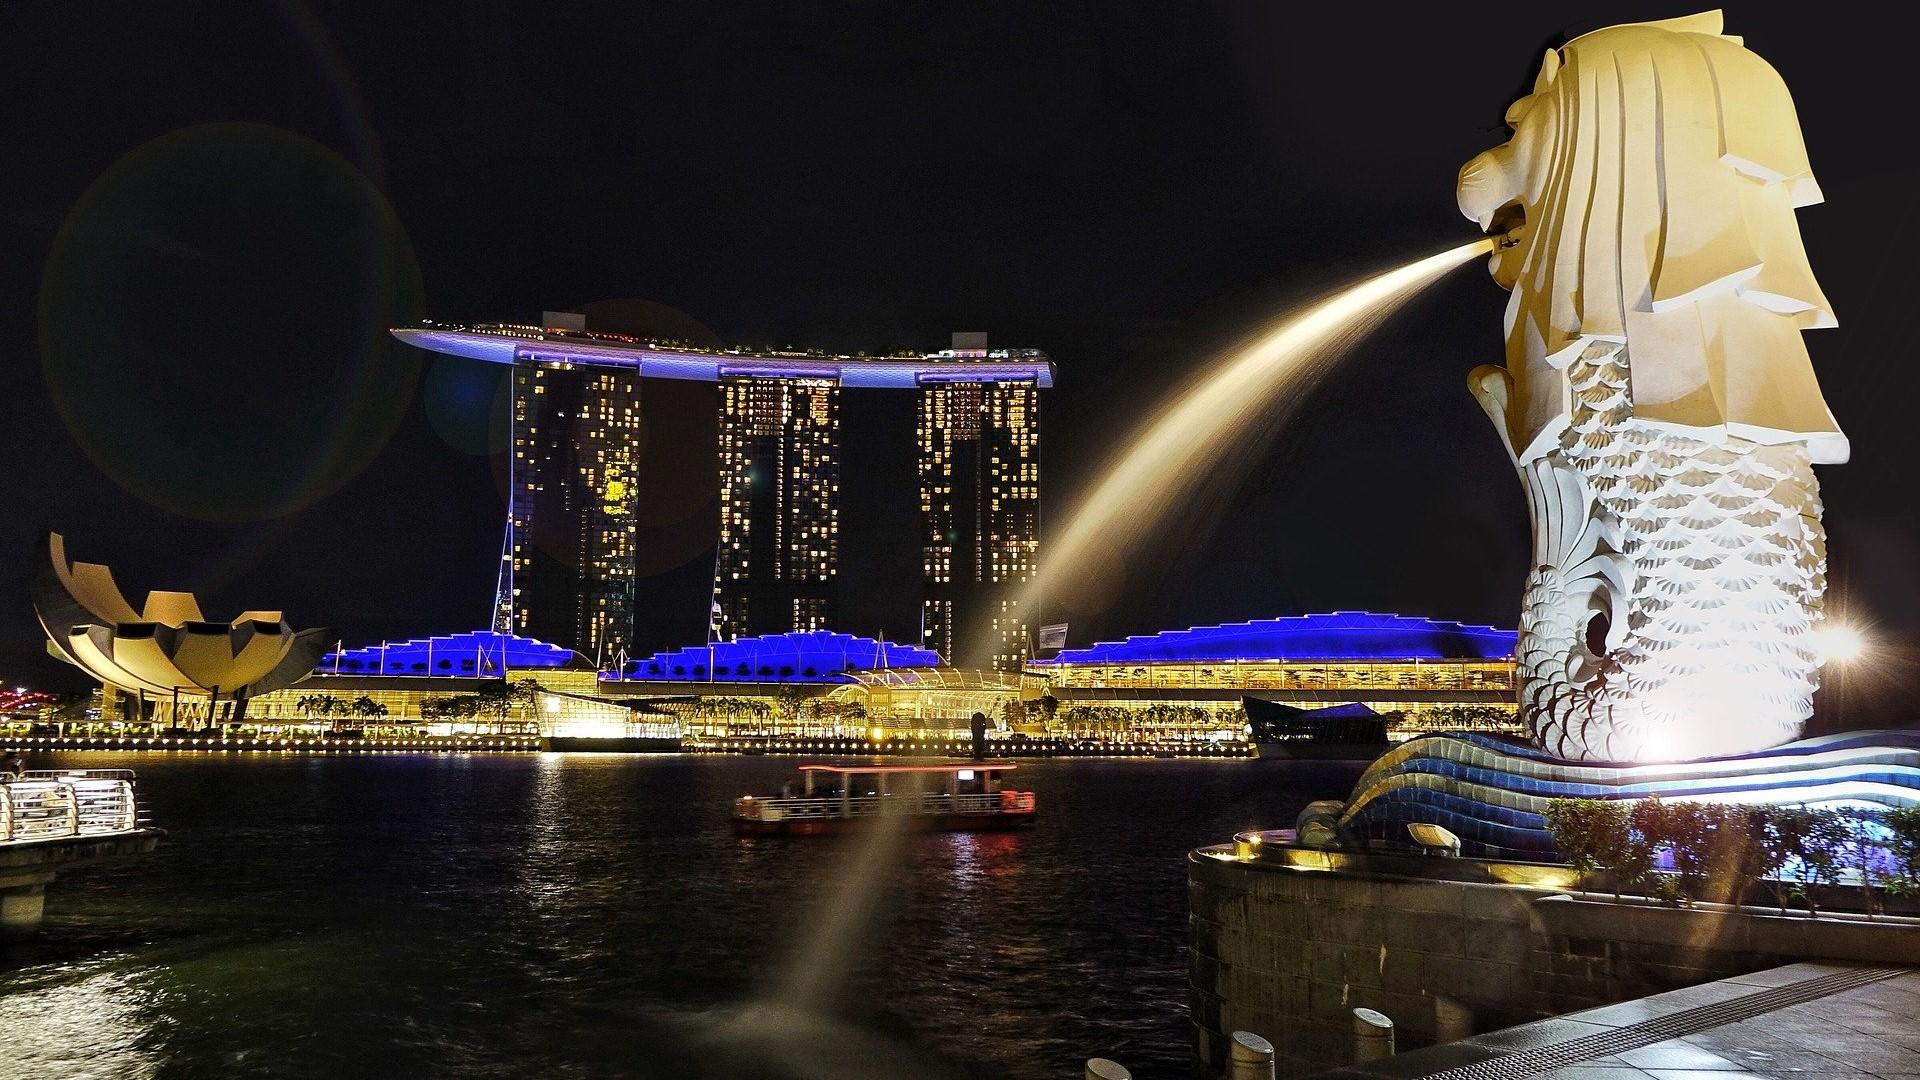 シンガポール_初めての海外旅行におすすめの国